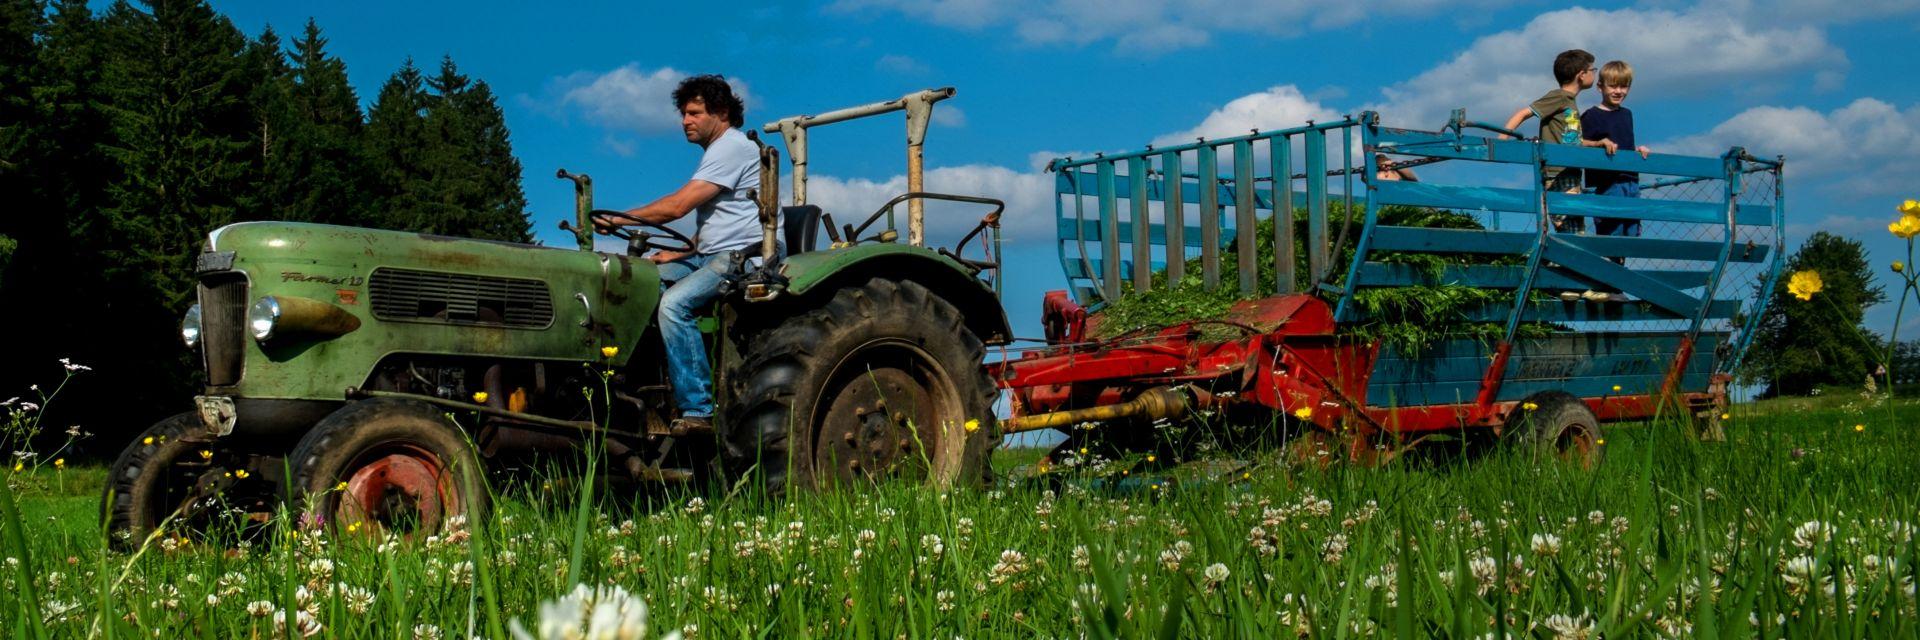 erlebnisurlaub-bayerischer-wald-erlebnisbauernhof-traktor